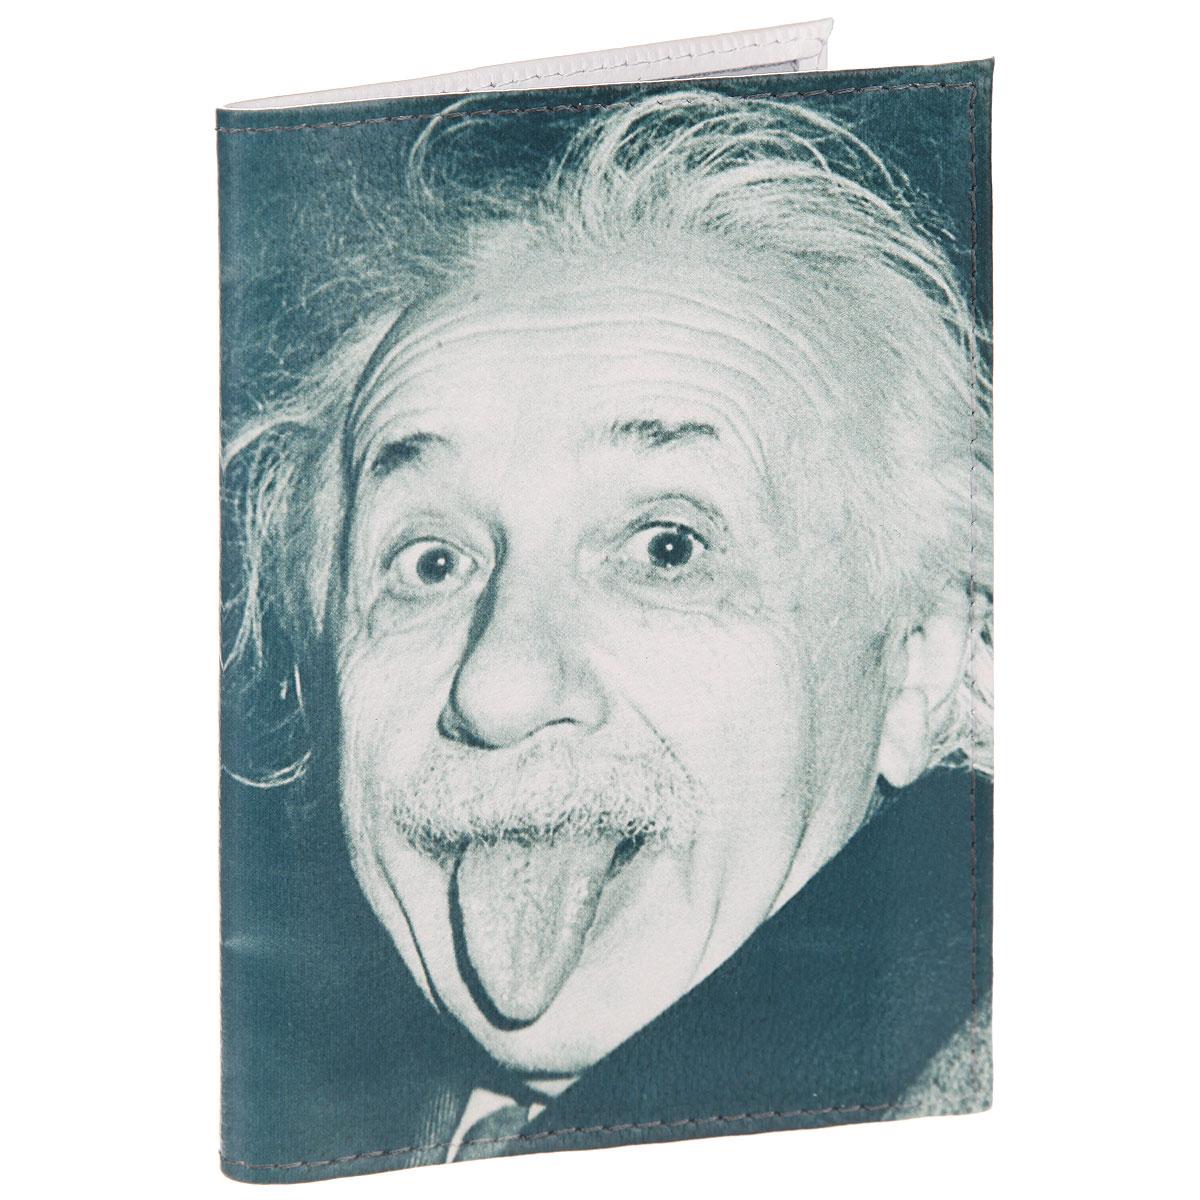 Обложка для автодокументов Эйнштейн. AUTO371AUTO286Стильная обложка для автодокументов Mitya Veselkov Эйнштейн выполнена из натуральной кожи с зернистой текстурой. Обложка оформлена художественной печатью с изображением Эйнштейна. Внутри размещен пластиковый вкладыш с шестью карманами для документов, среди которых карман формата А5.Стильная обложка для автодокументовMitya Veselkov Эйнштейн не только поможет сохранить внешний вид ваших документов и защитит их от повреждений, но и станет стильным аксессуаром, идеально подходящим к вашему образу.